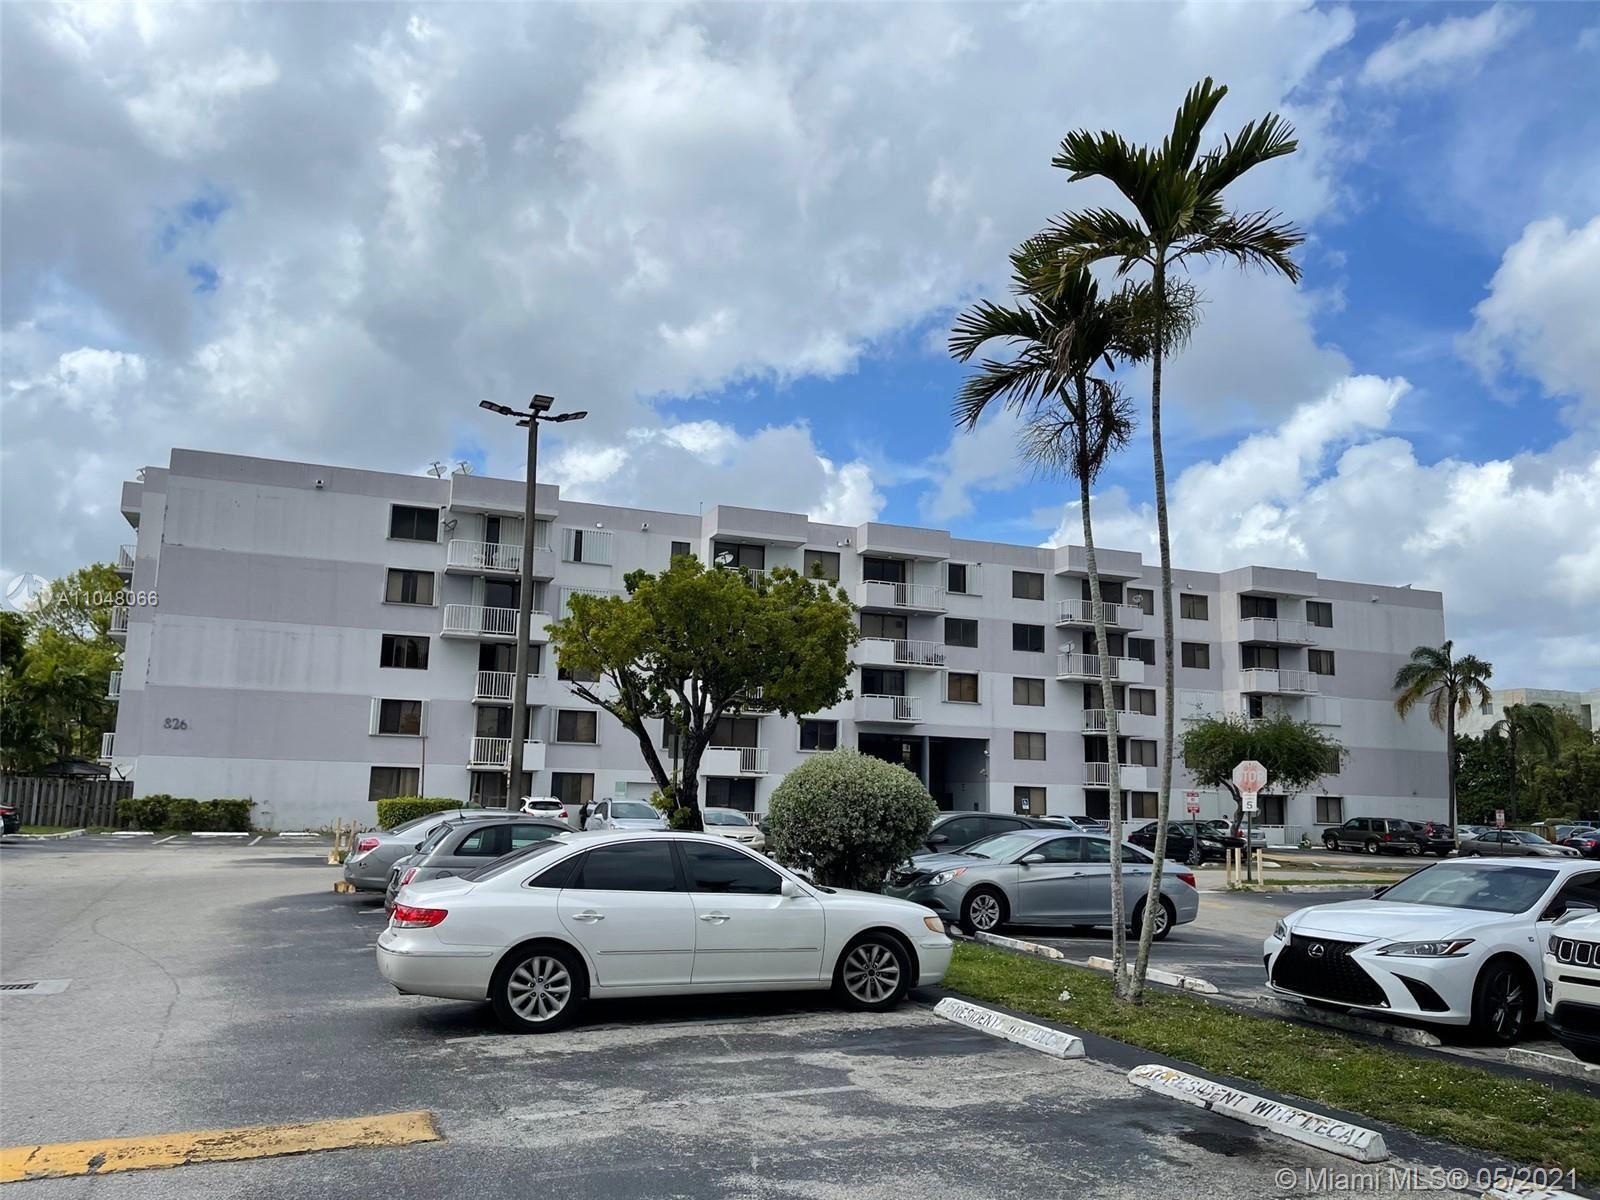 8261 NW 8th St #539, Miami, FL 33126 - #: A11048066